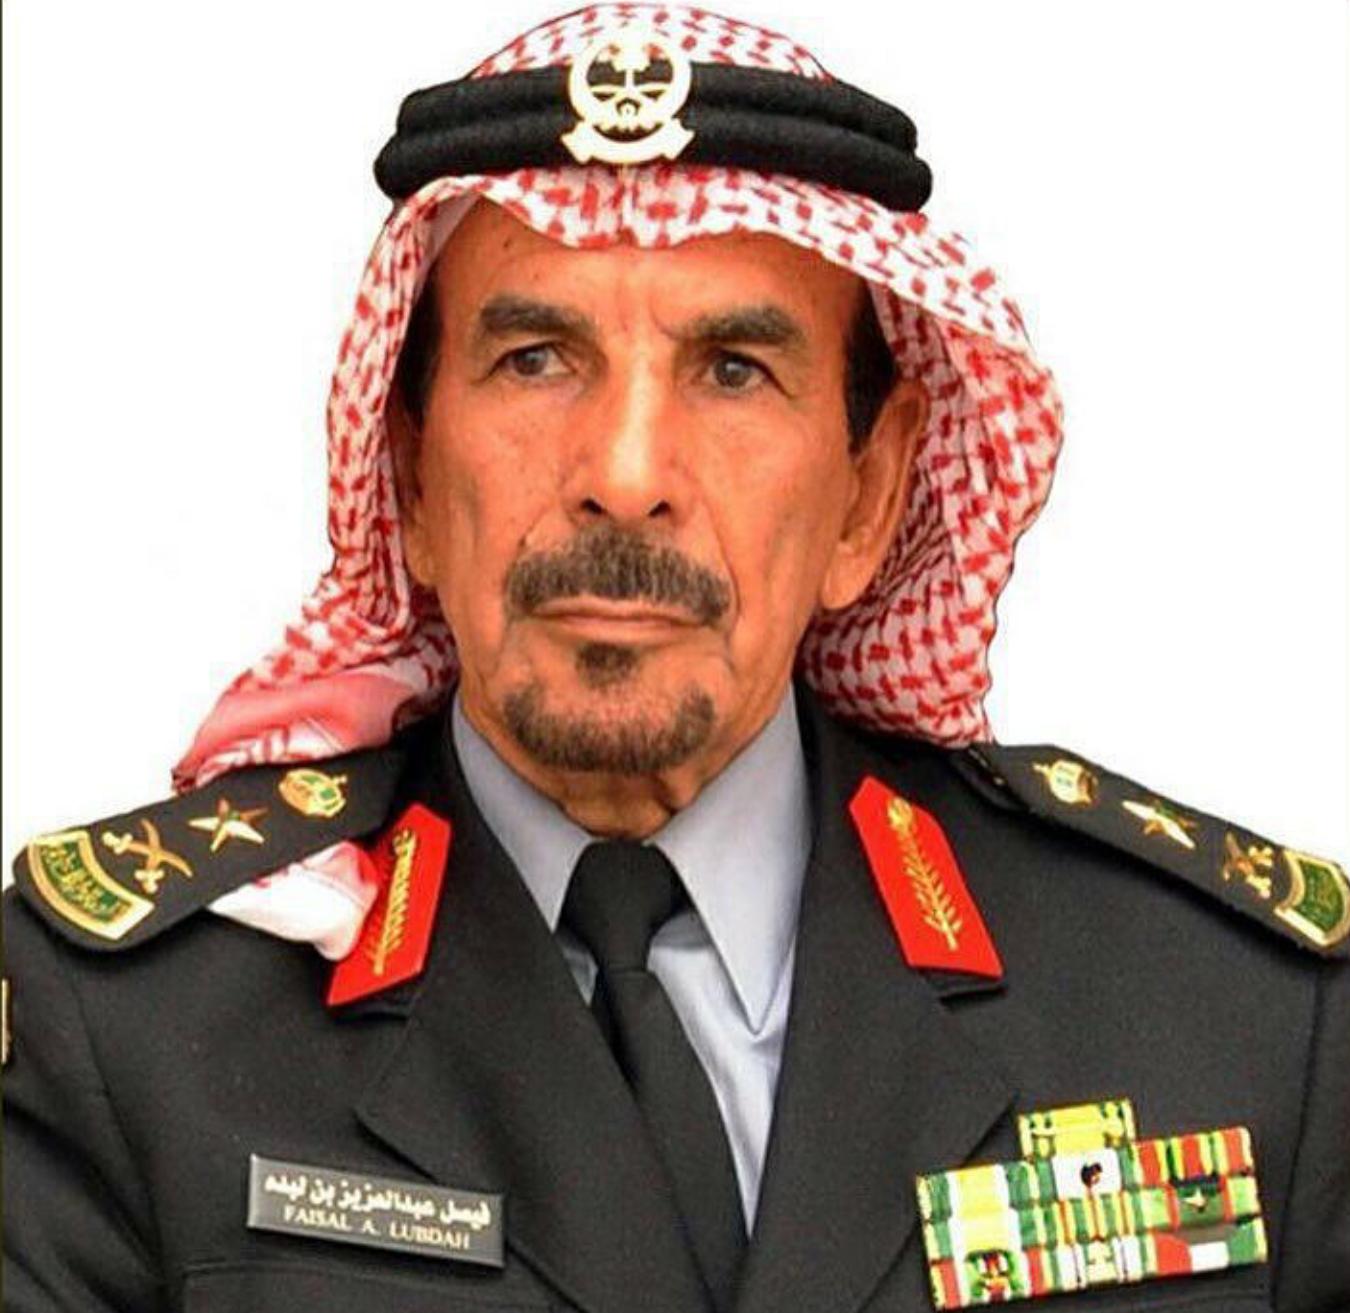 الفريق فيصل بن لبده عسكري شهير خالف الأوامر العسكرية في مكة